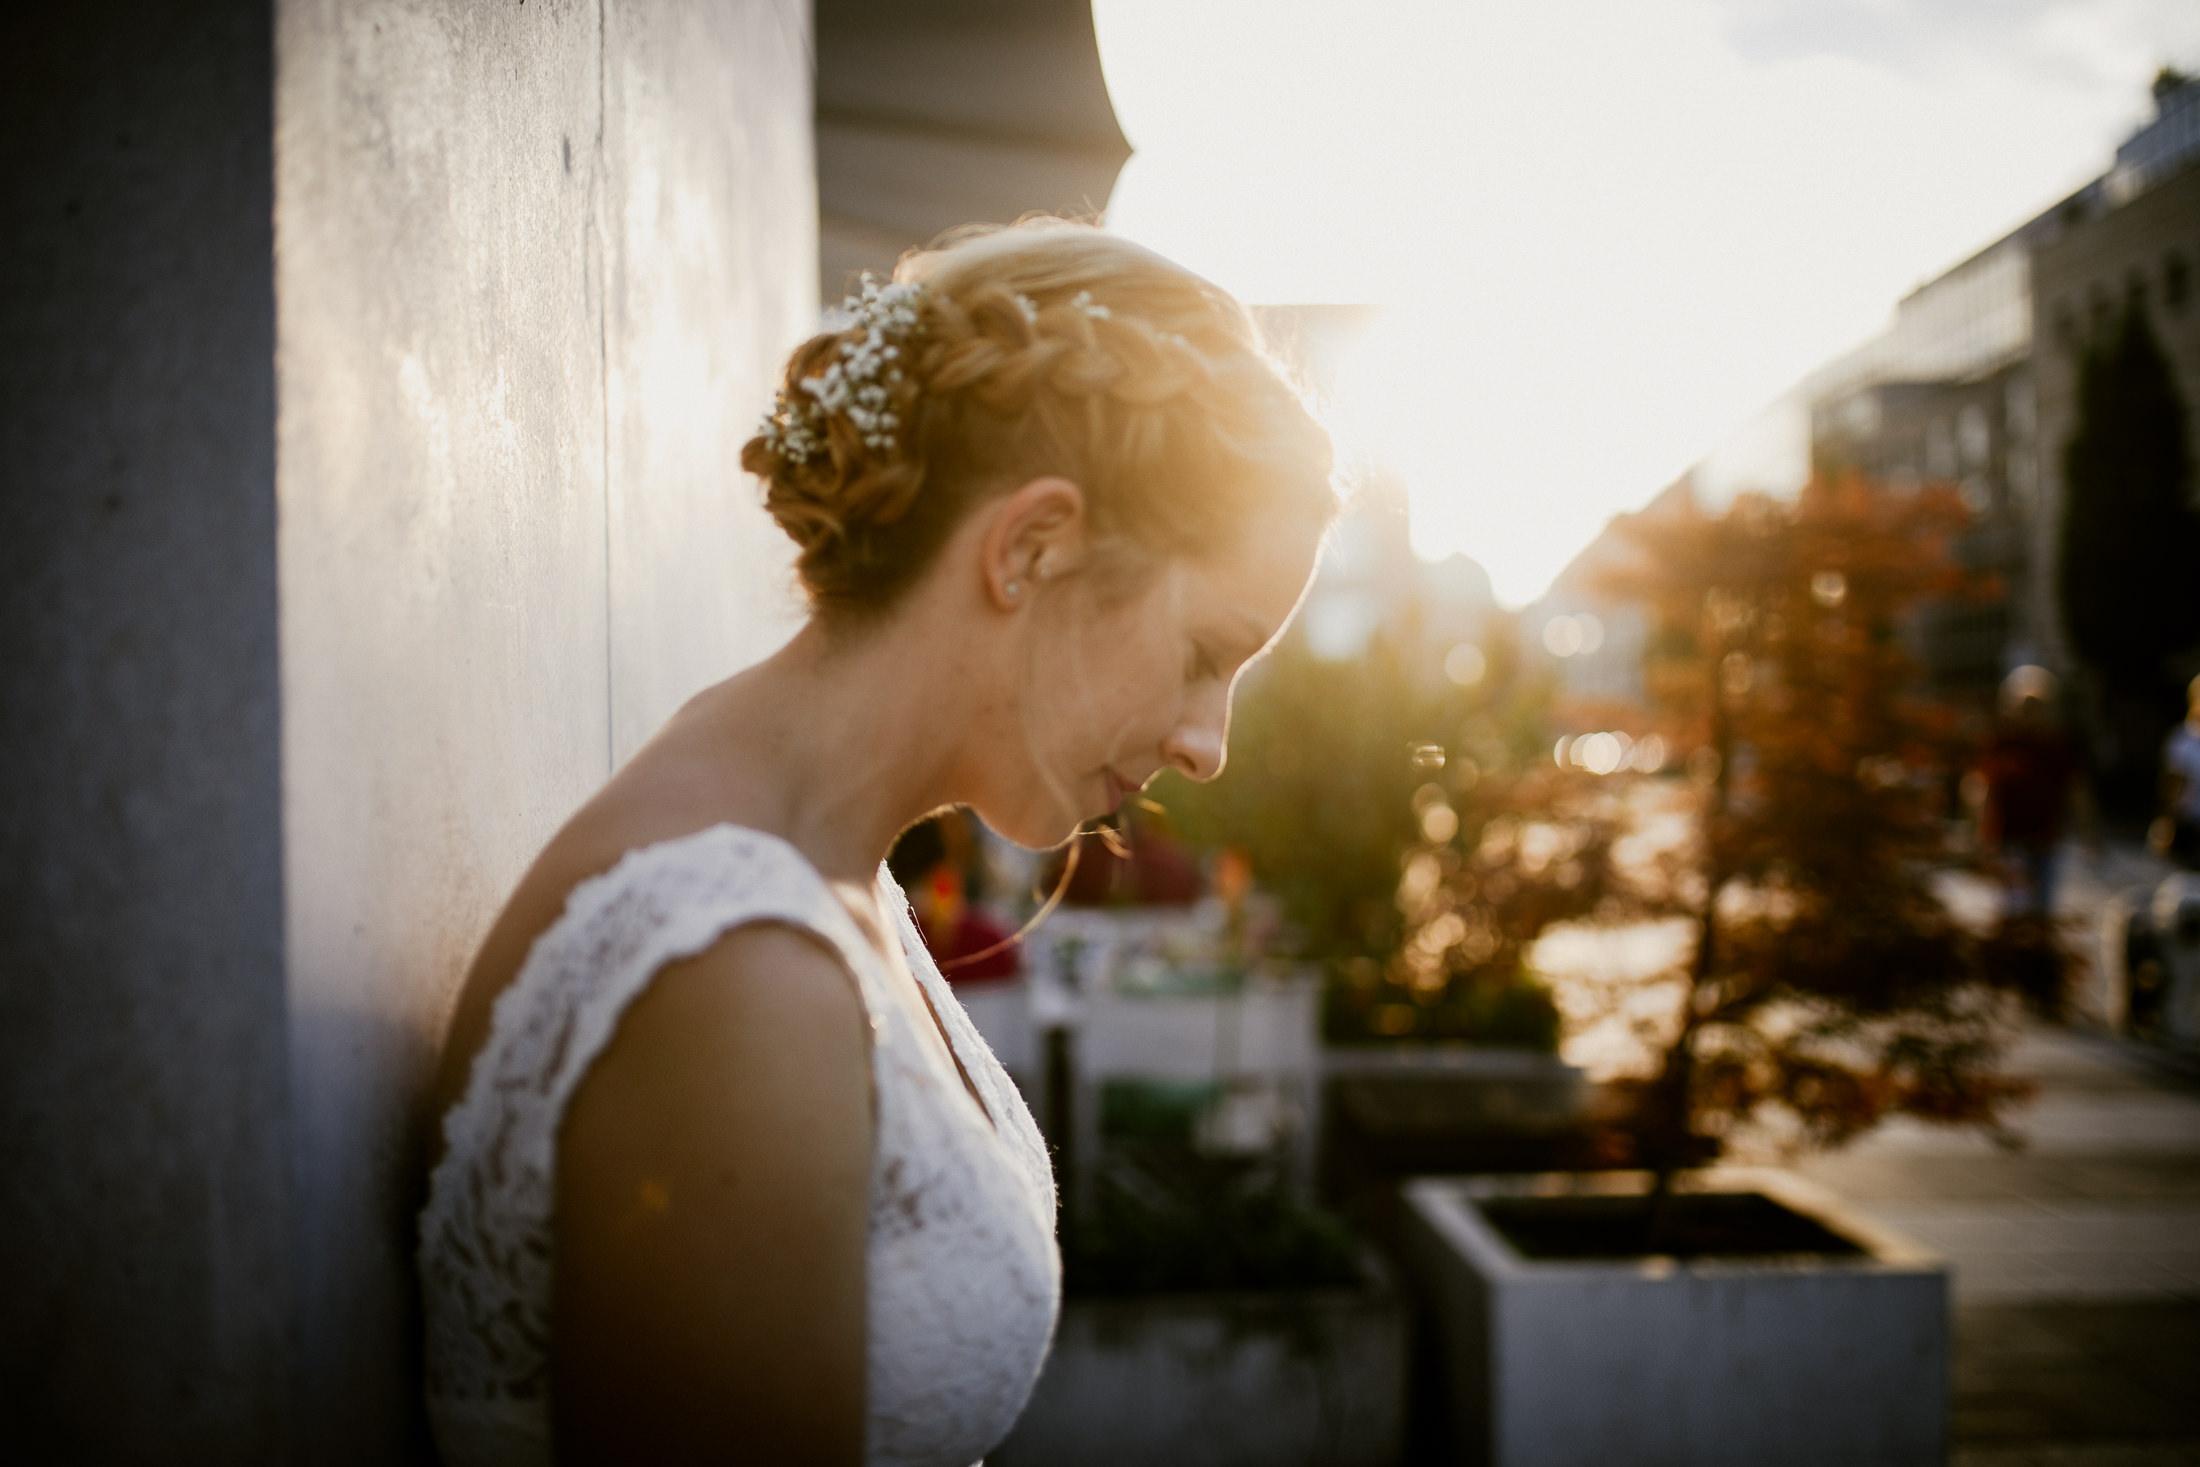 Jessi-Niko-Hochzeit-Nuernberg-city-urban-Bildervomleben-7J0A4768